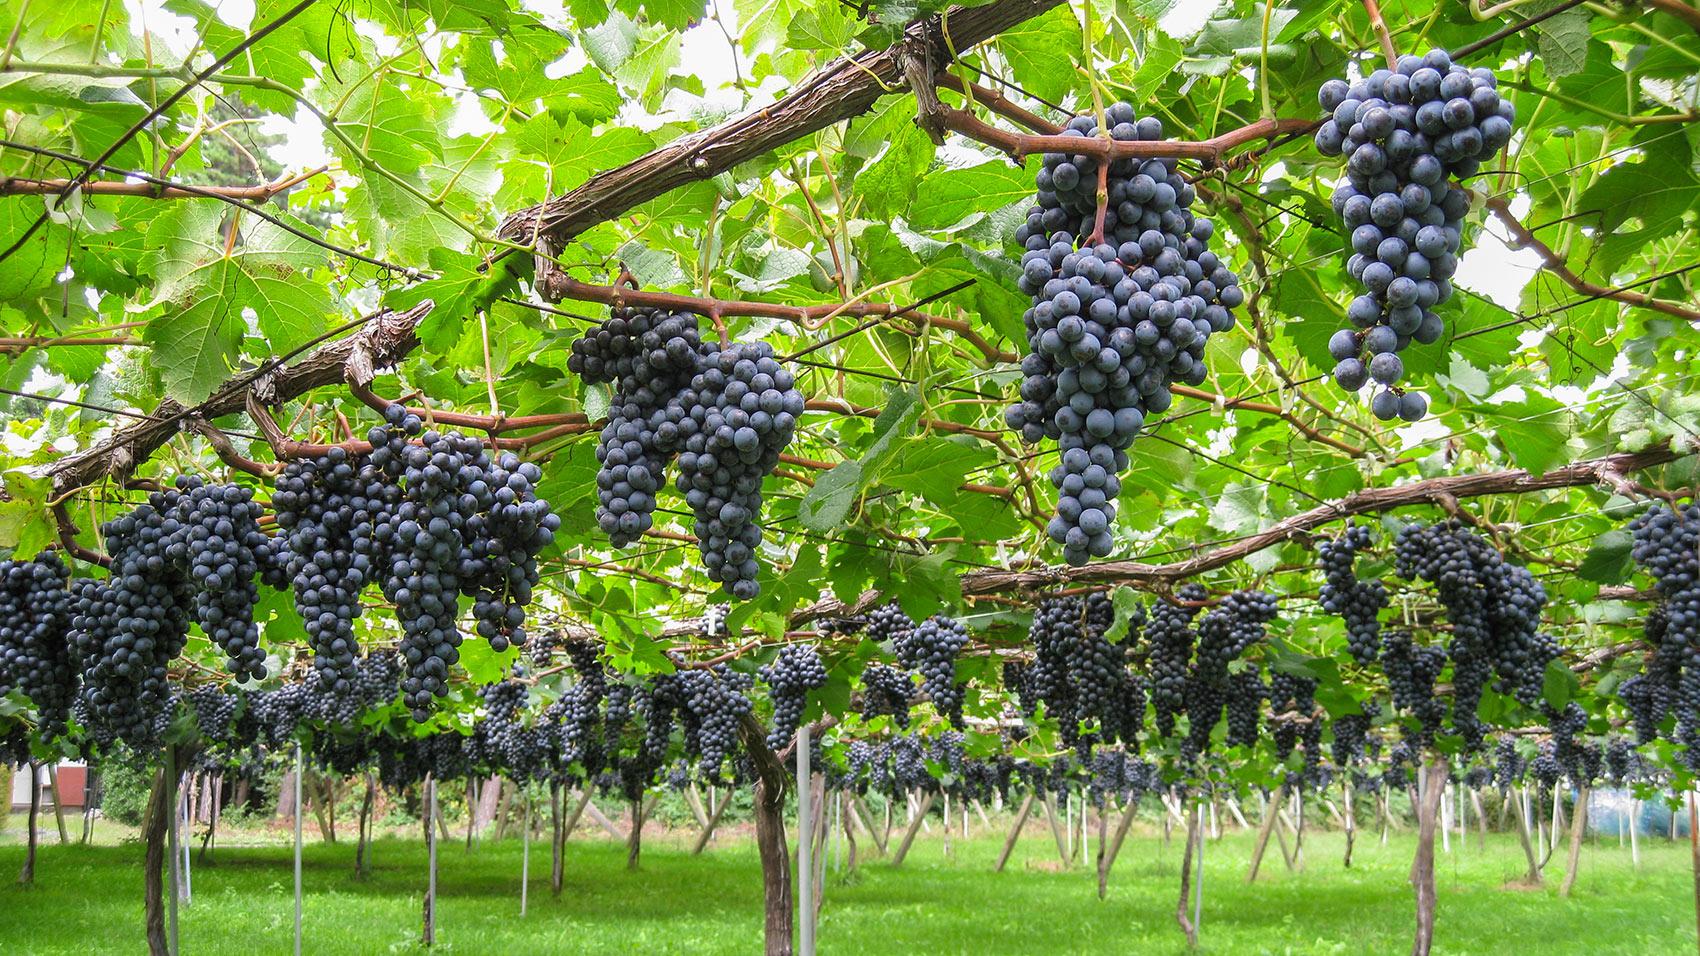 伝統的な棚栽培の方式で育つメルロー種のぶどう。